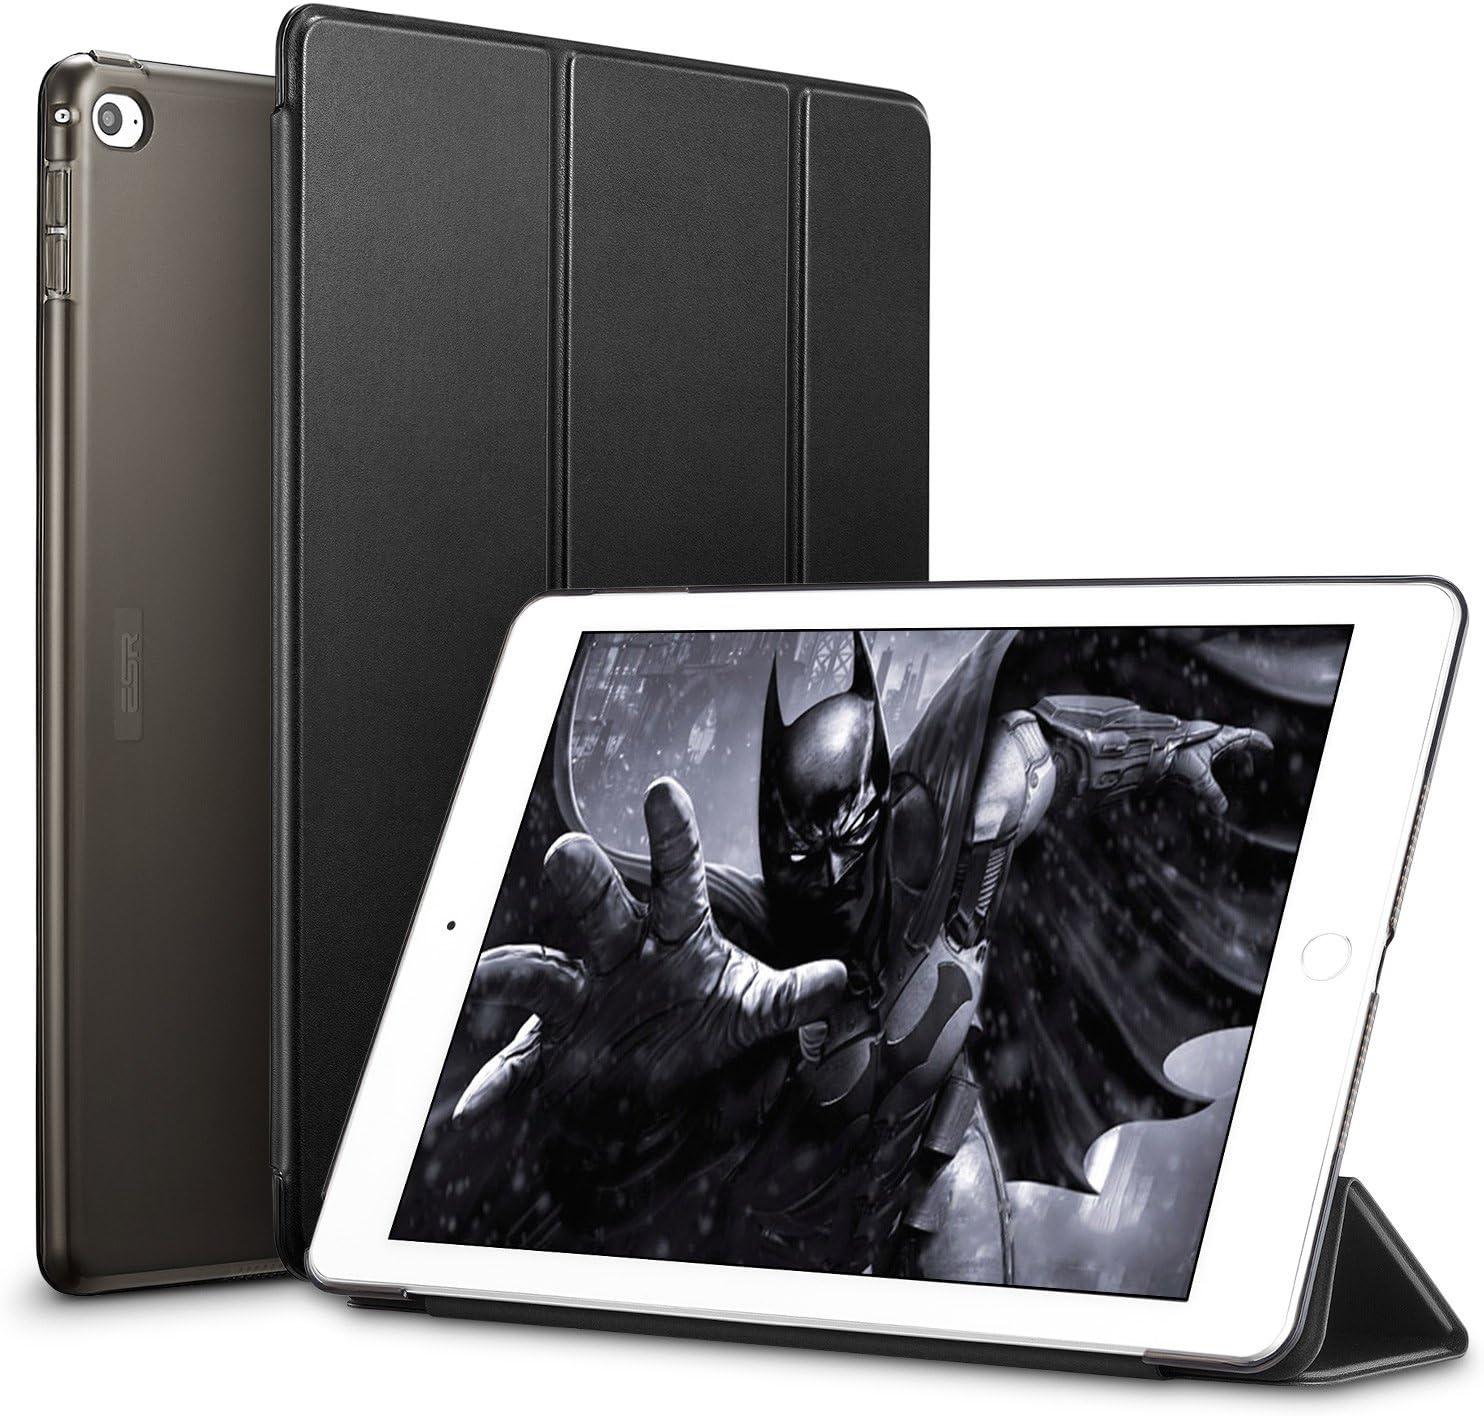 ESR Funda iPad Air 2 Silicona [Auto-Desbloquear] y Función de Soporte [Ligera] de Cuero Sintético y Plástico Duro Transparente Esmerilado Smart Cover Cáscara para iPad Air 2 -Negro